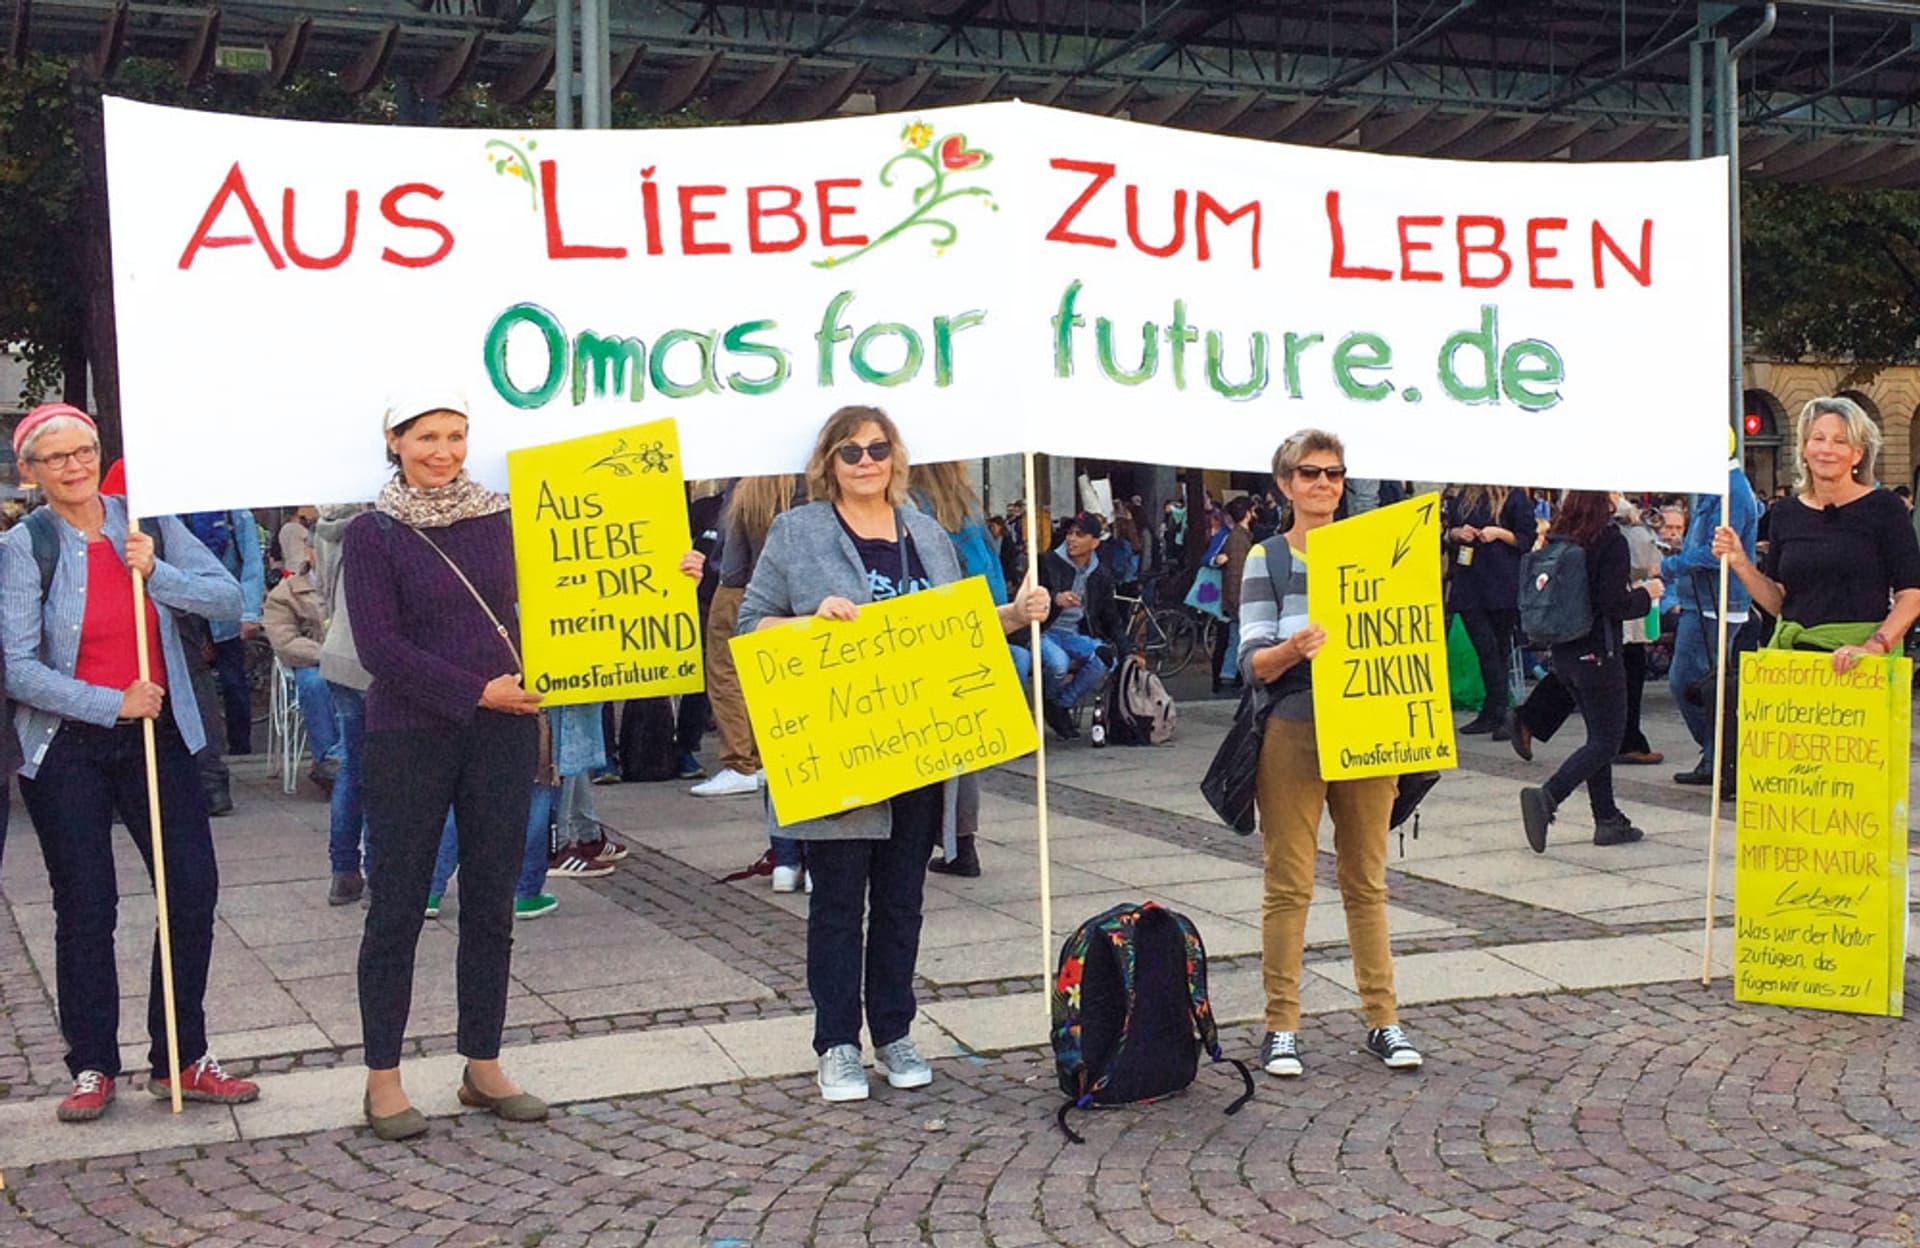 Fünf Frauen halten auf einer Demo ein Banner mit der Aufschrift